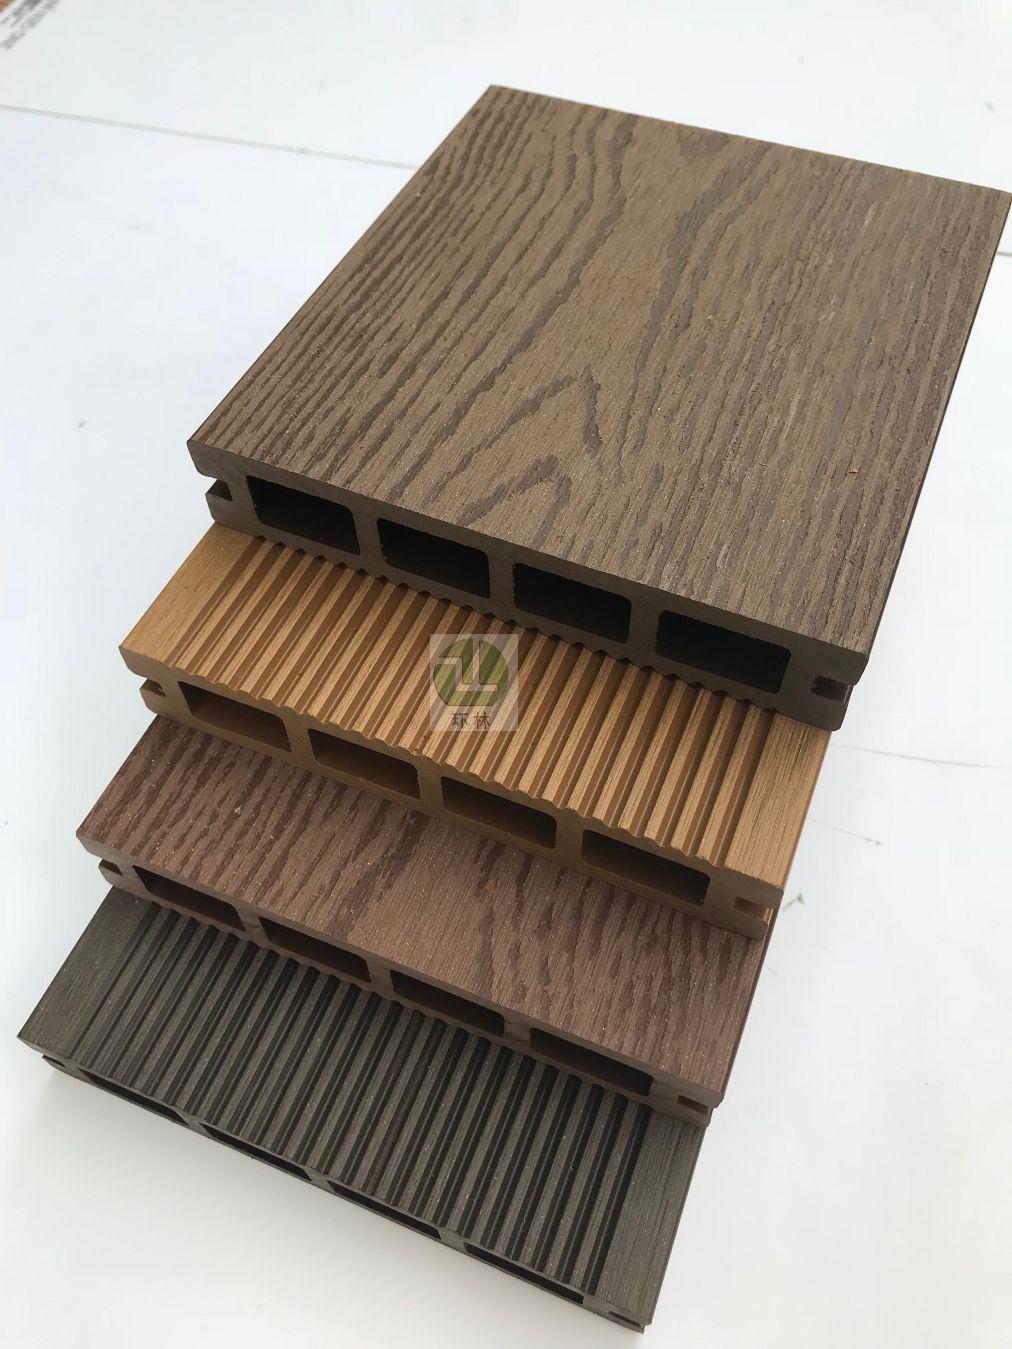 环林塑木地板塑木长条地板露台木塑户外地板塑木板材140*25空心